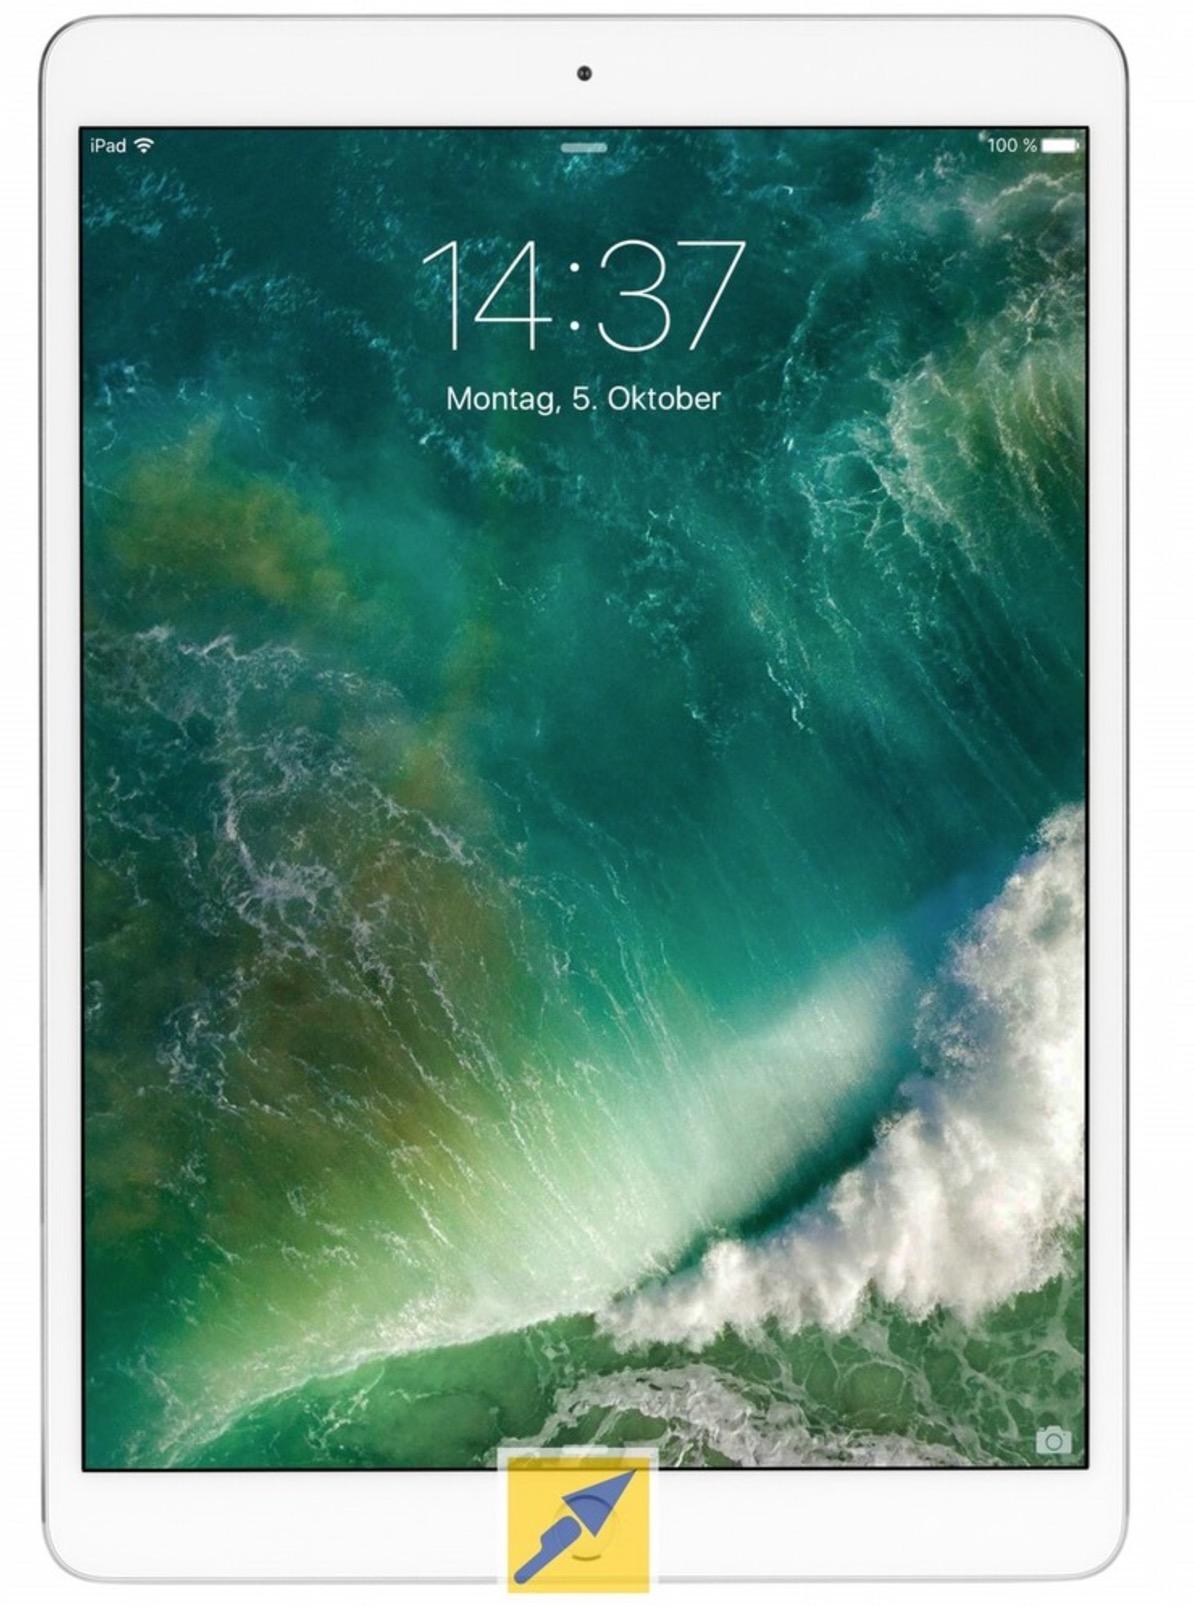 Apple iPad Pro 10.5 Wi-Fi 256GB in Silber